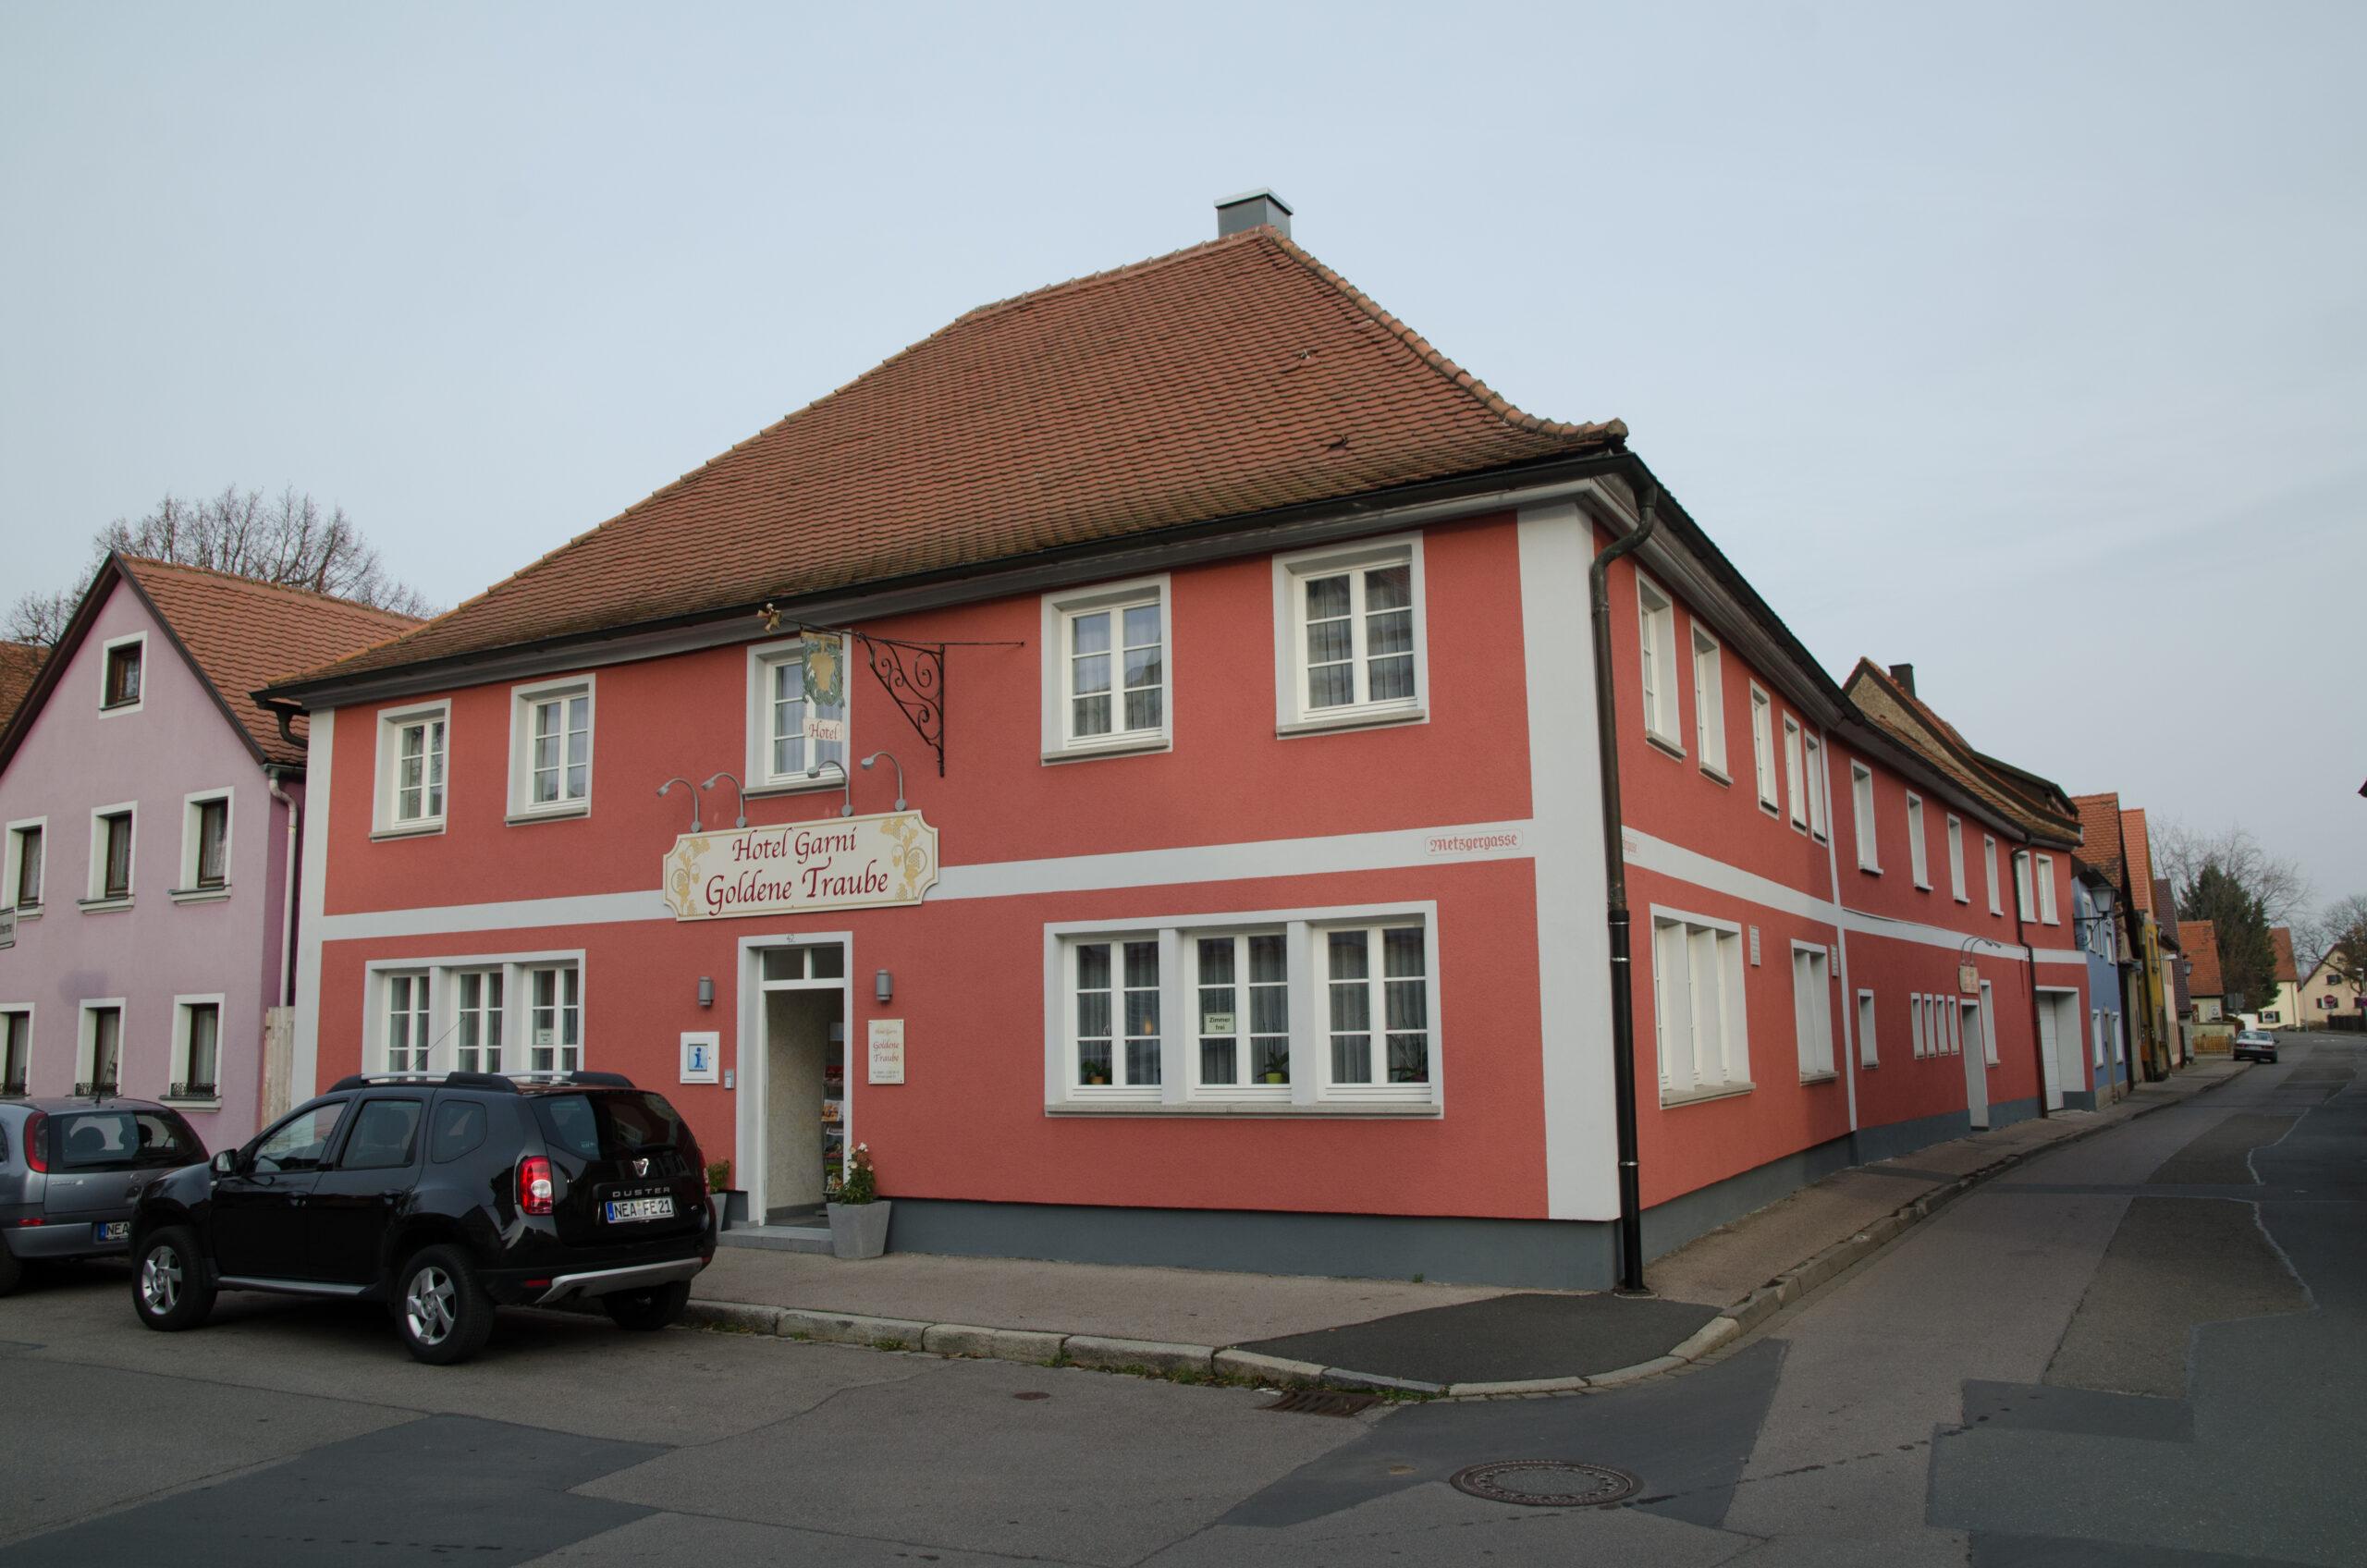 Full Size of Metzgergasse 42 002jpg Laminat Fürs Bad Hotel Harzburg Birkenhof Griesbach Waschbecken Wandleuchte Staffelstein Füssing Hotels Homburg Wiessee Accessoires Bad Hotel Bad Windsheim